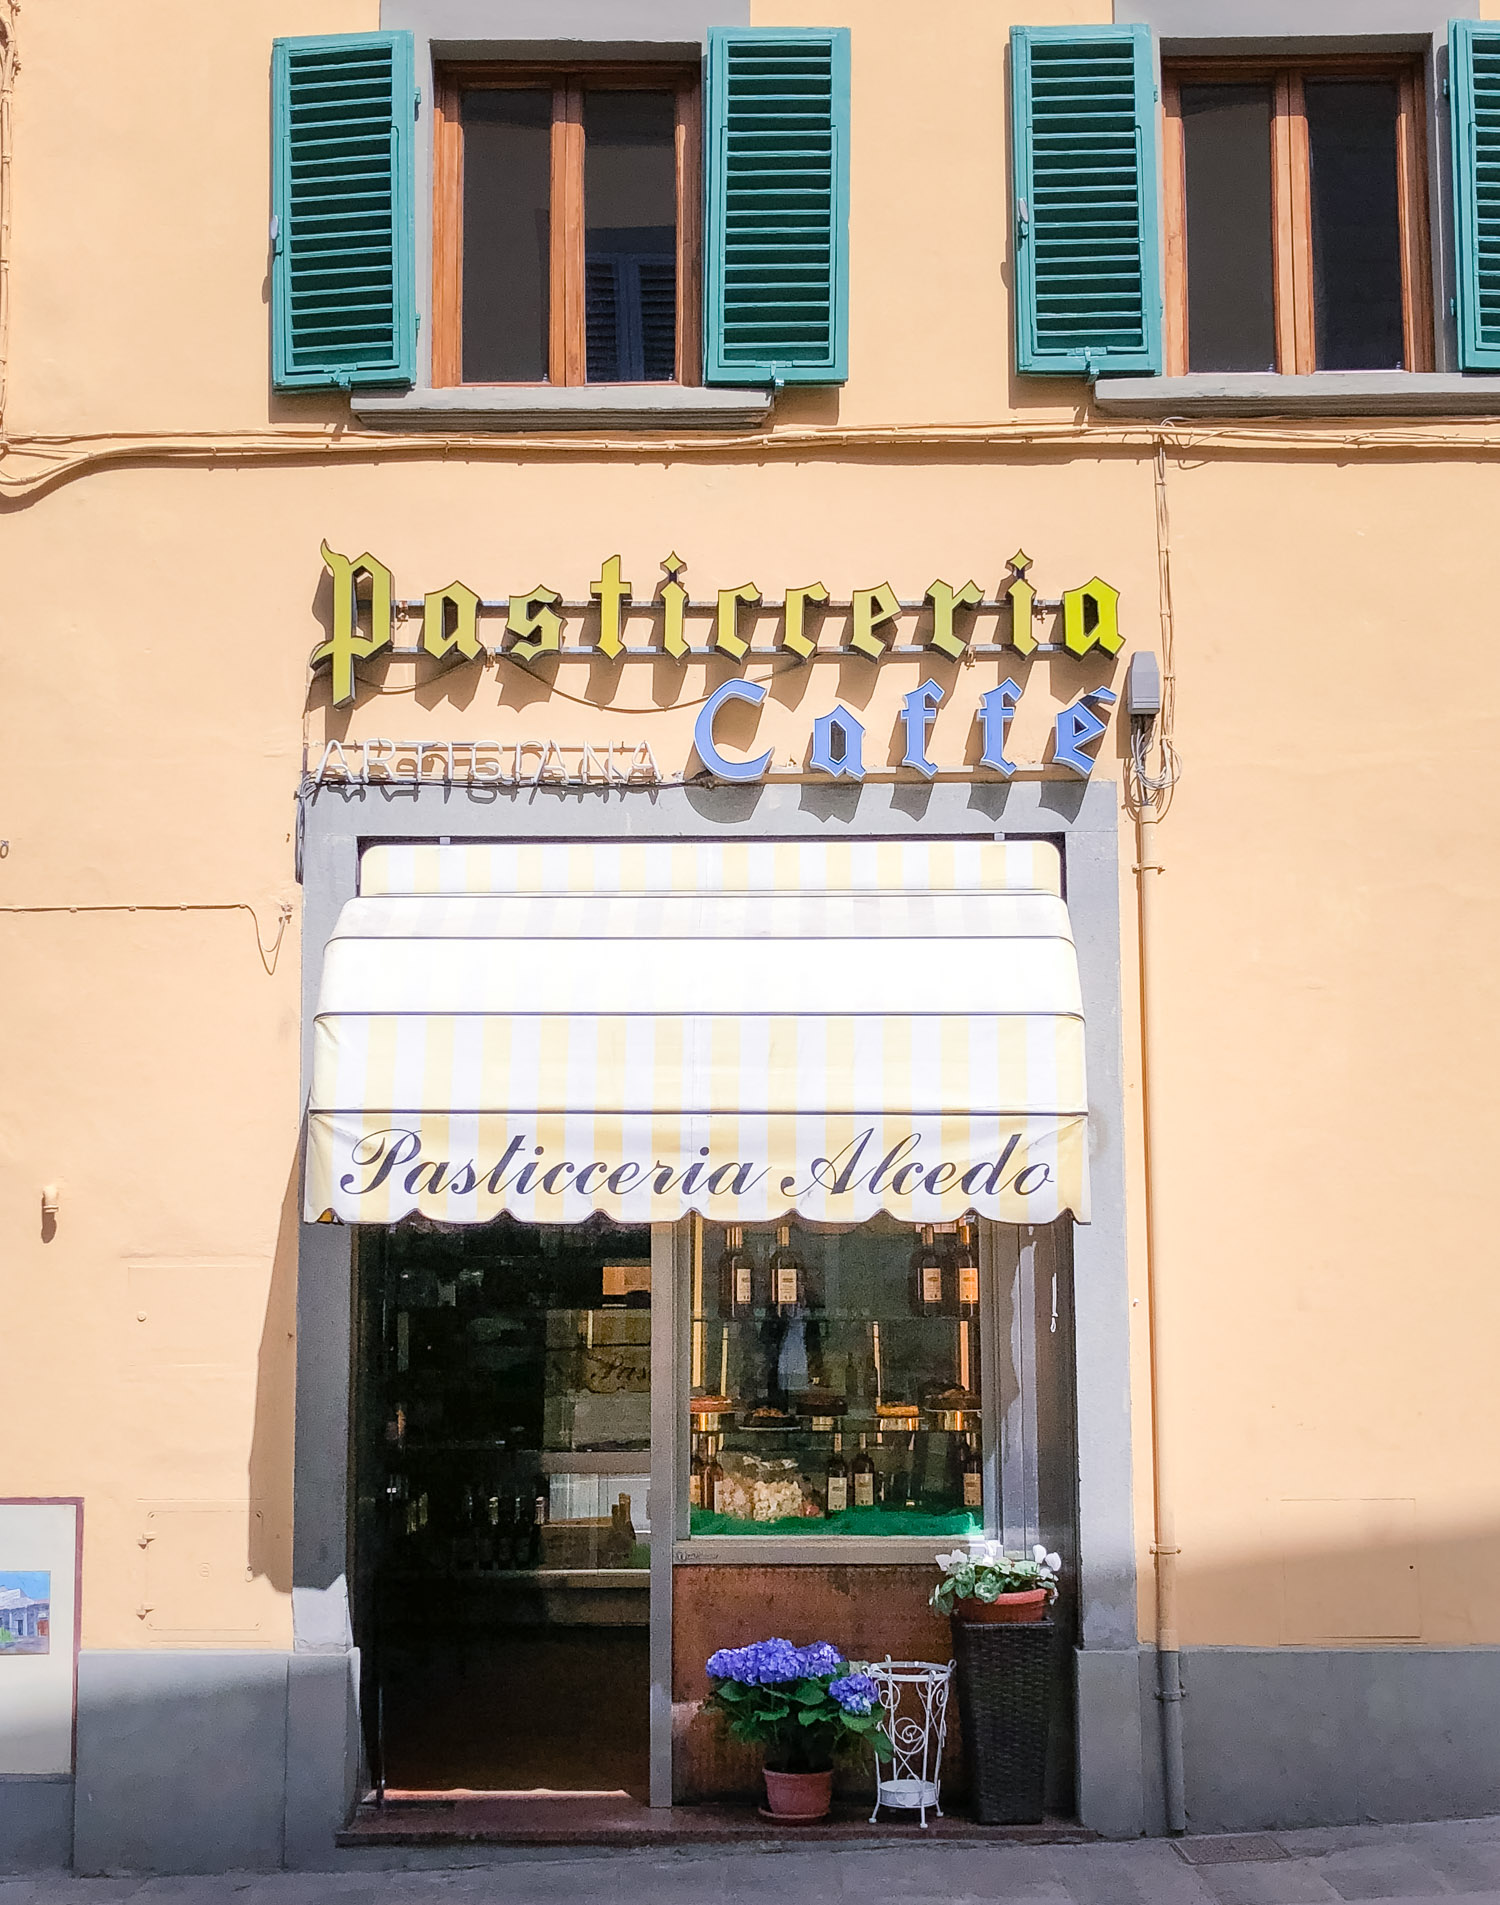 Café i Fiesole: Pasticceria Alcedo